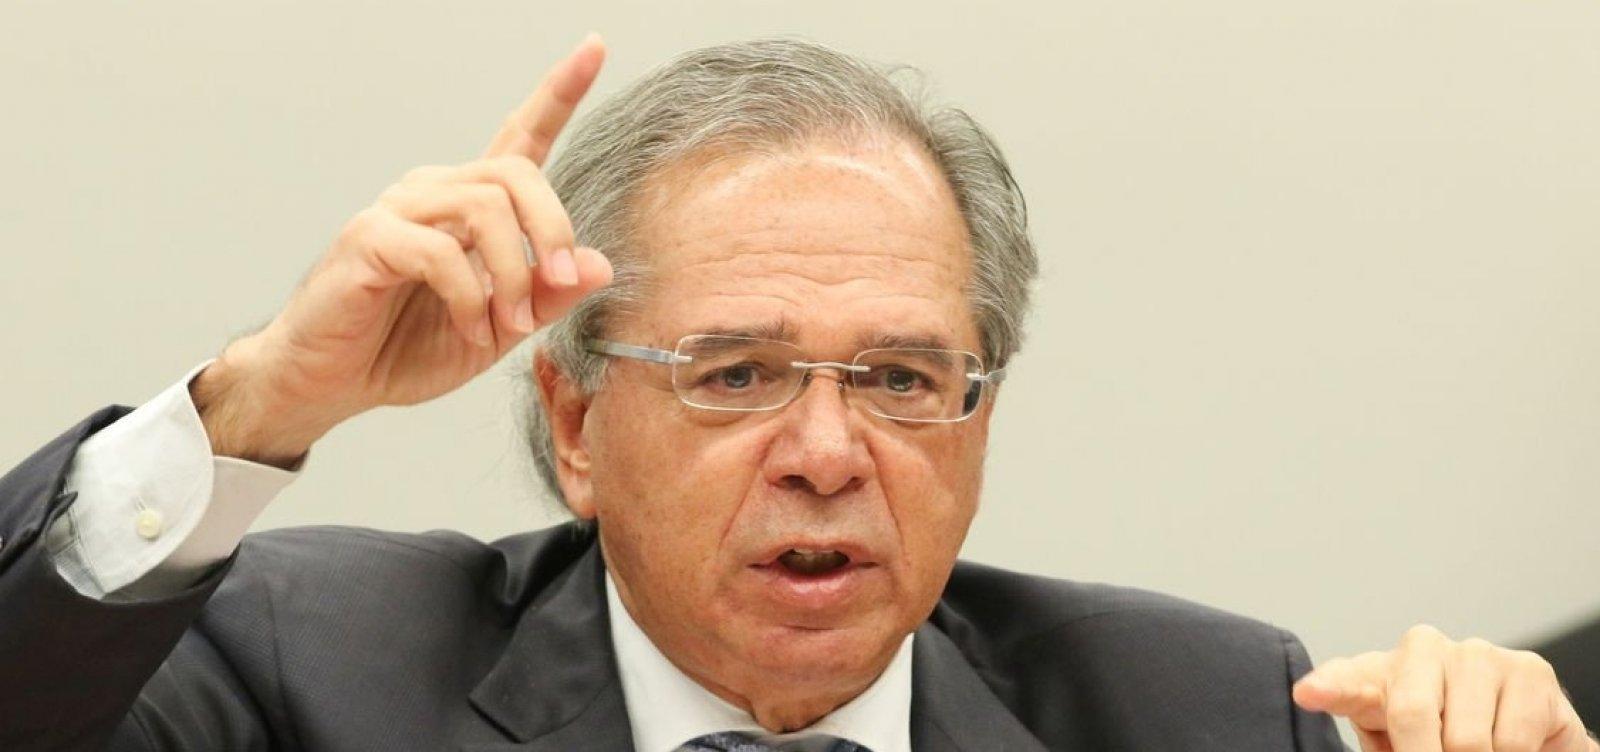 ['Estamos despedalando', diz Guedes sobre restituição de R$ 3 bilhões da Caixa]